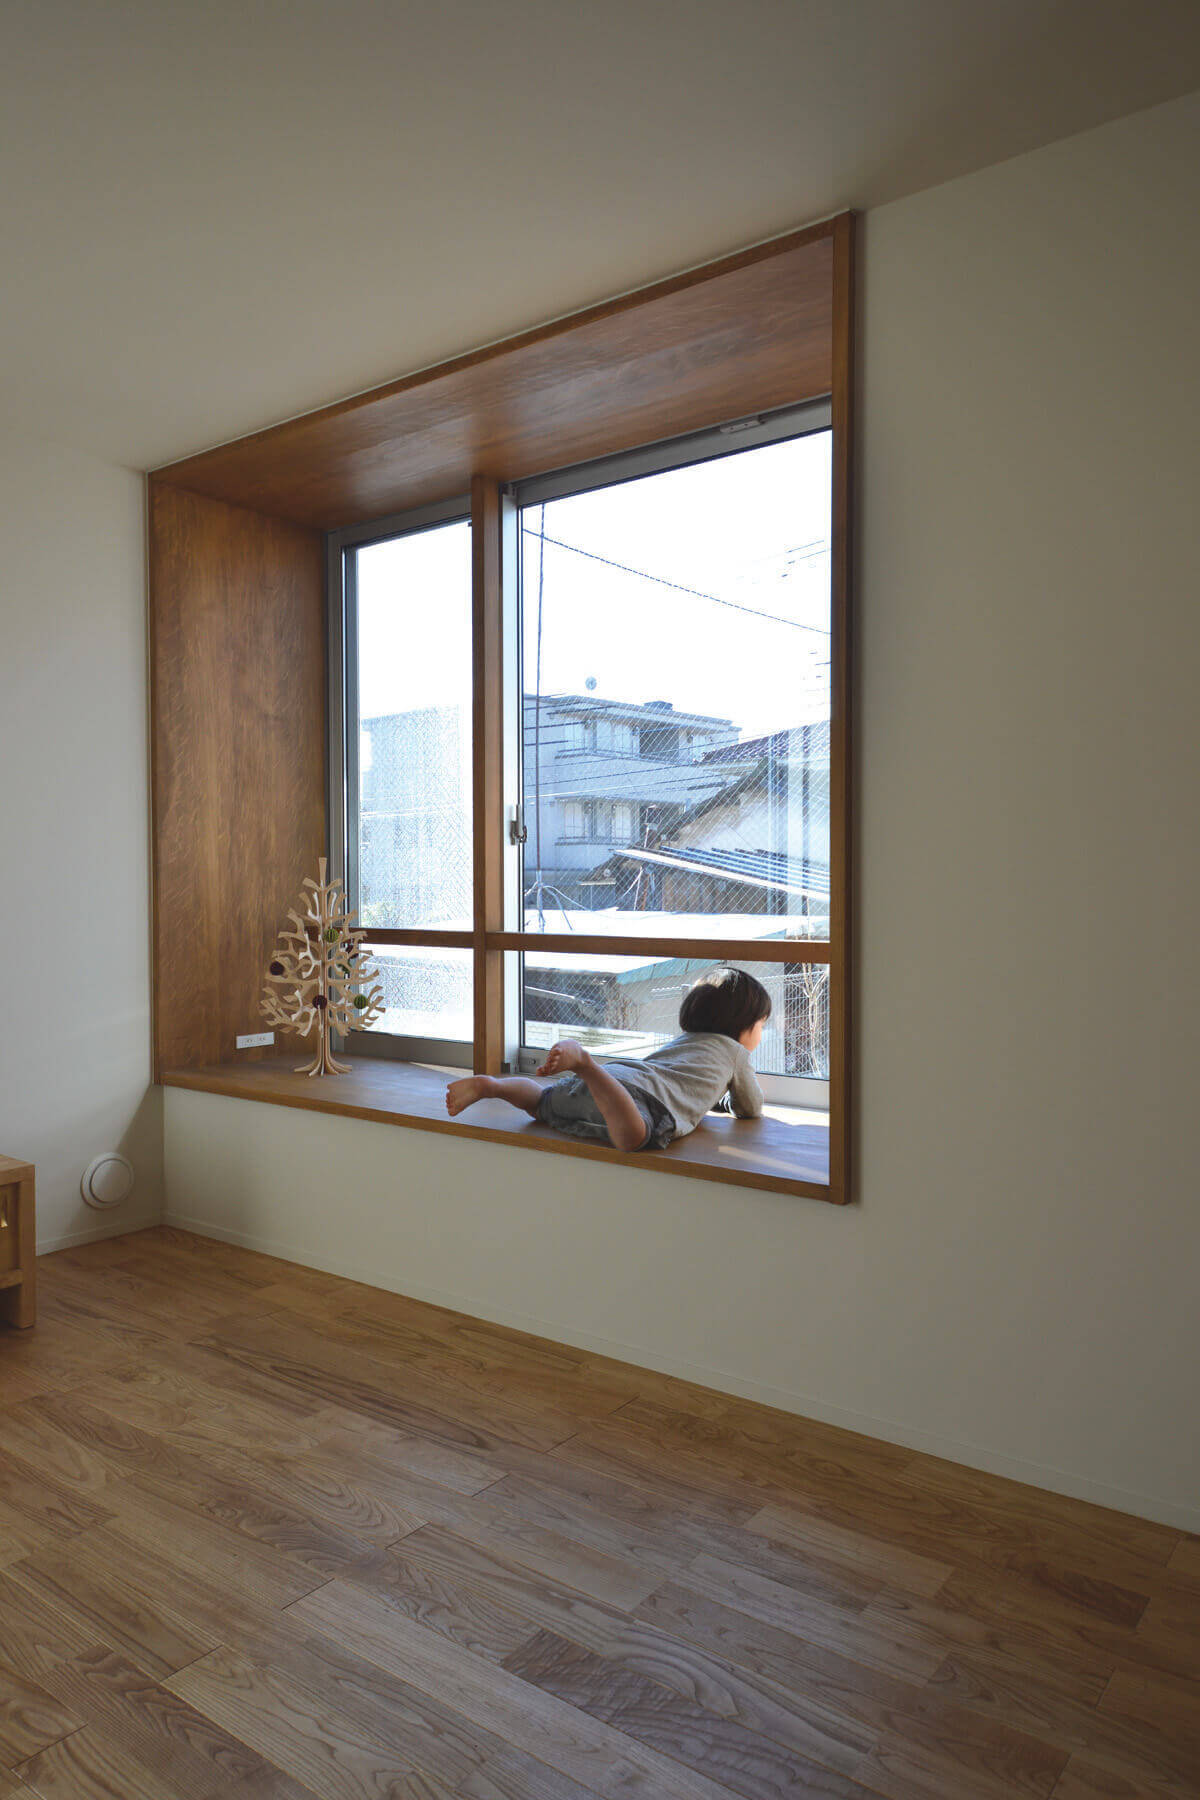 登戸Y邸の内装、お嬢様もお気に入りの出窓のある居間